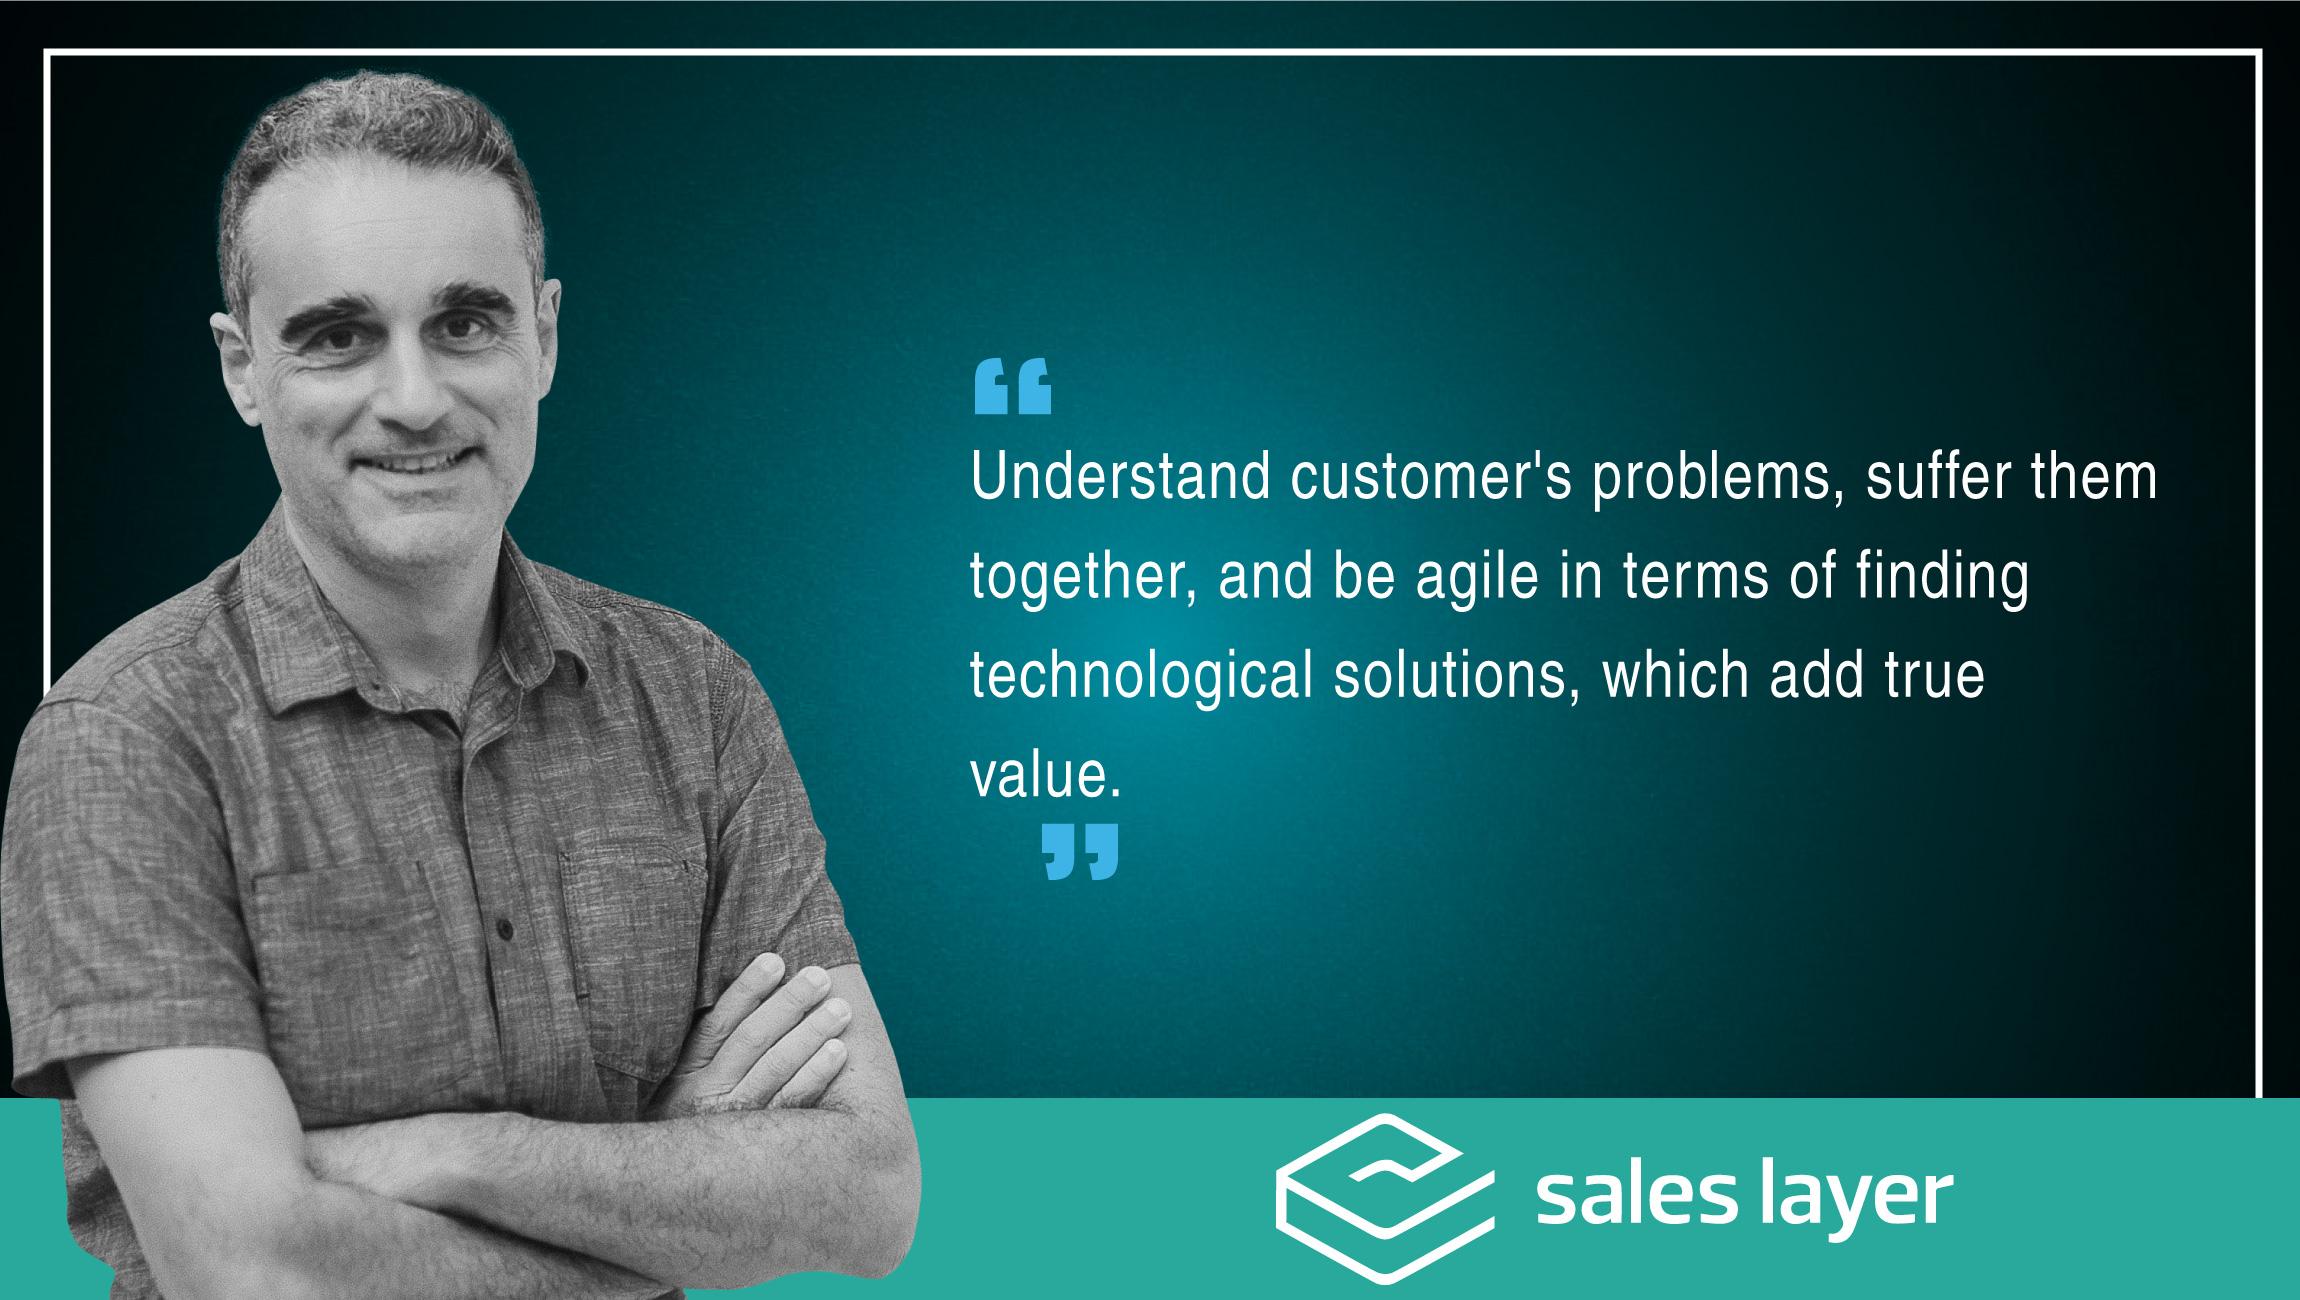 Iban Borras Serret, CTO, Sales Layer